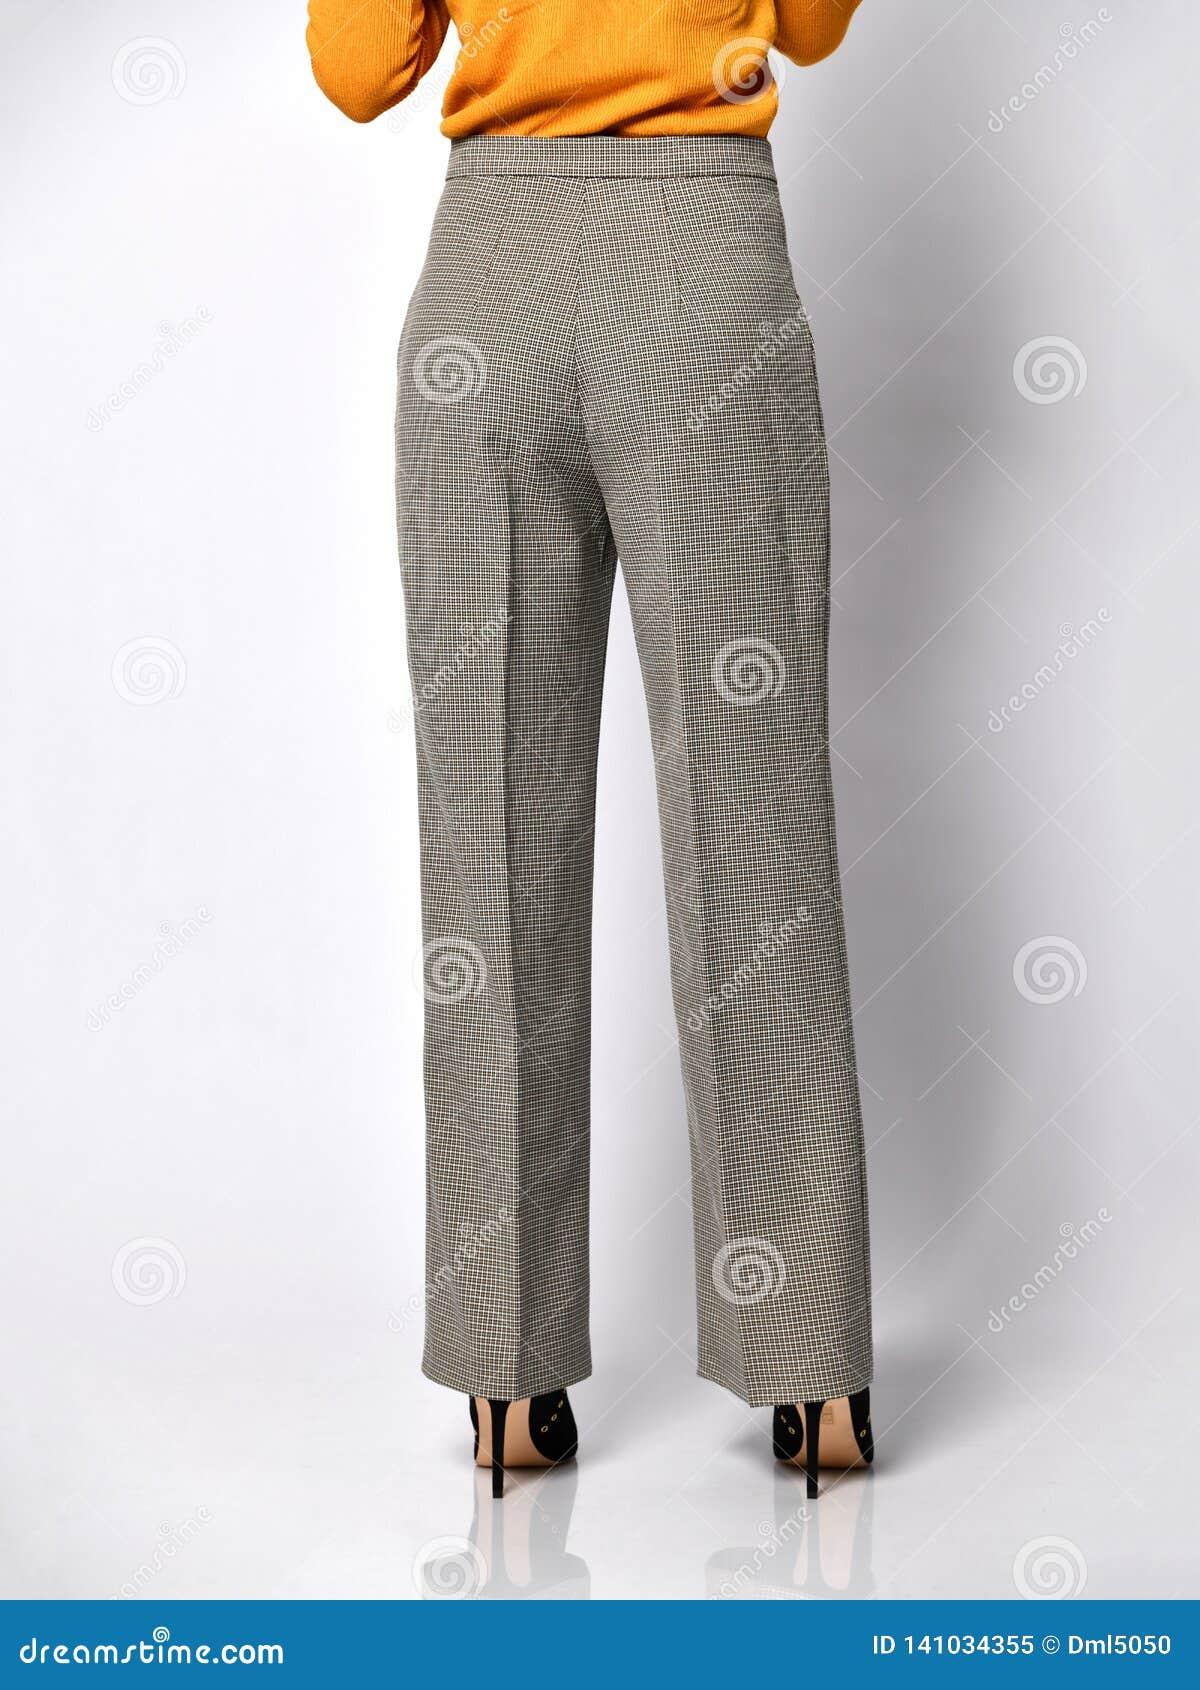 Ноги молодой женщины идя в новые серые классические брюки в коробке от костюма на белом